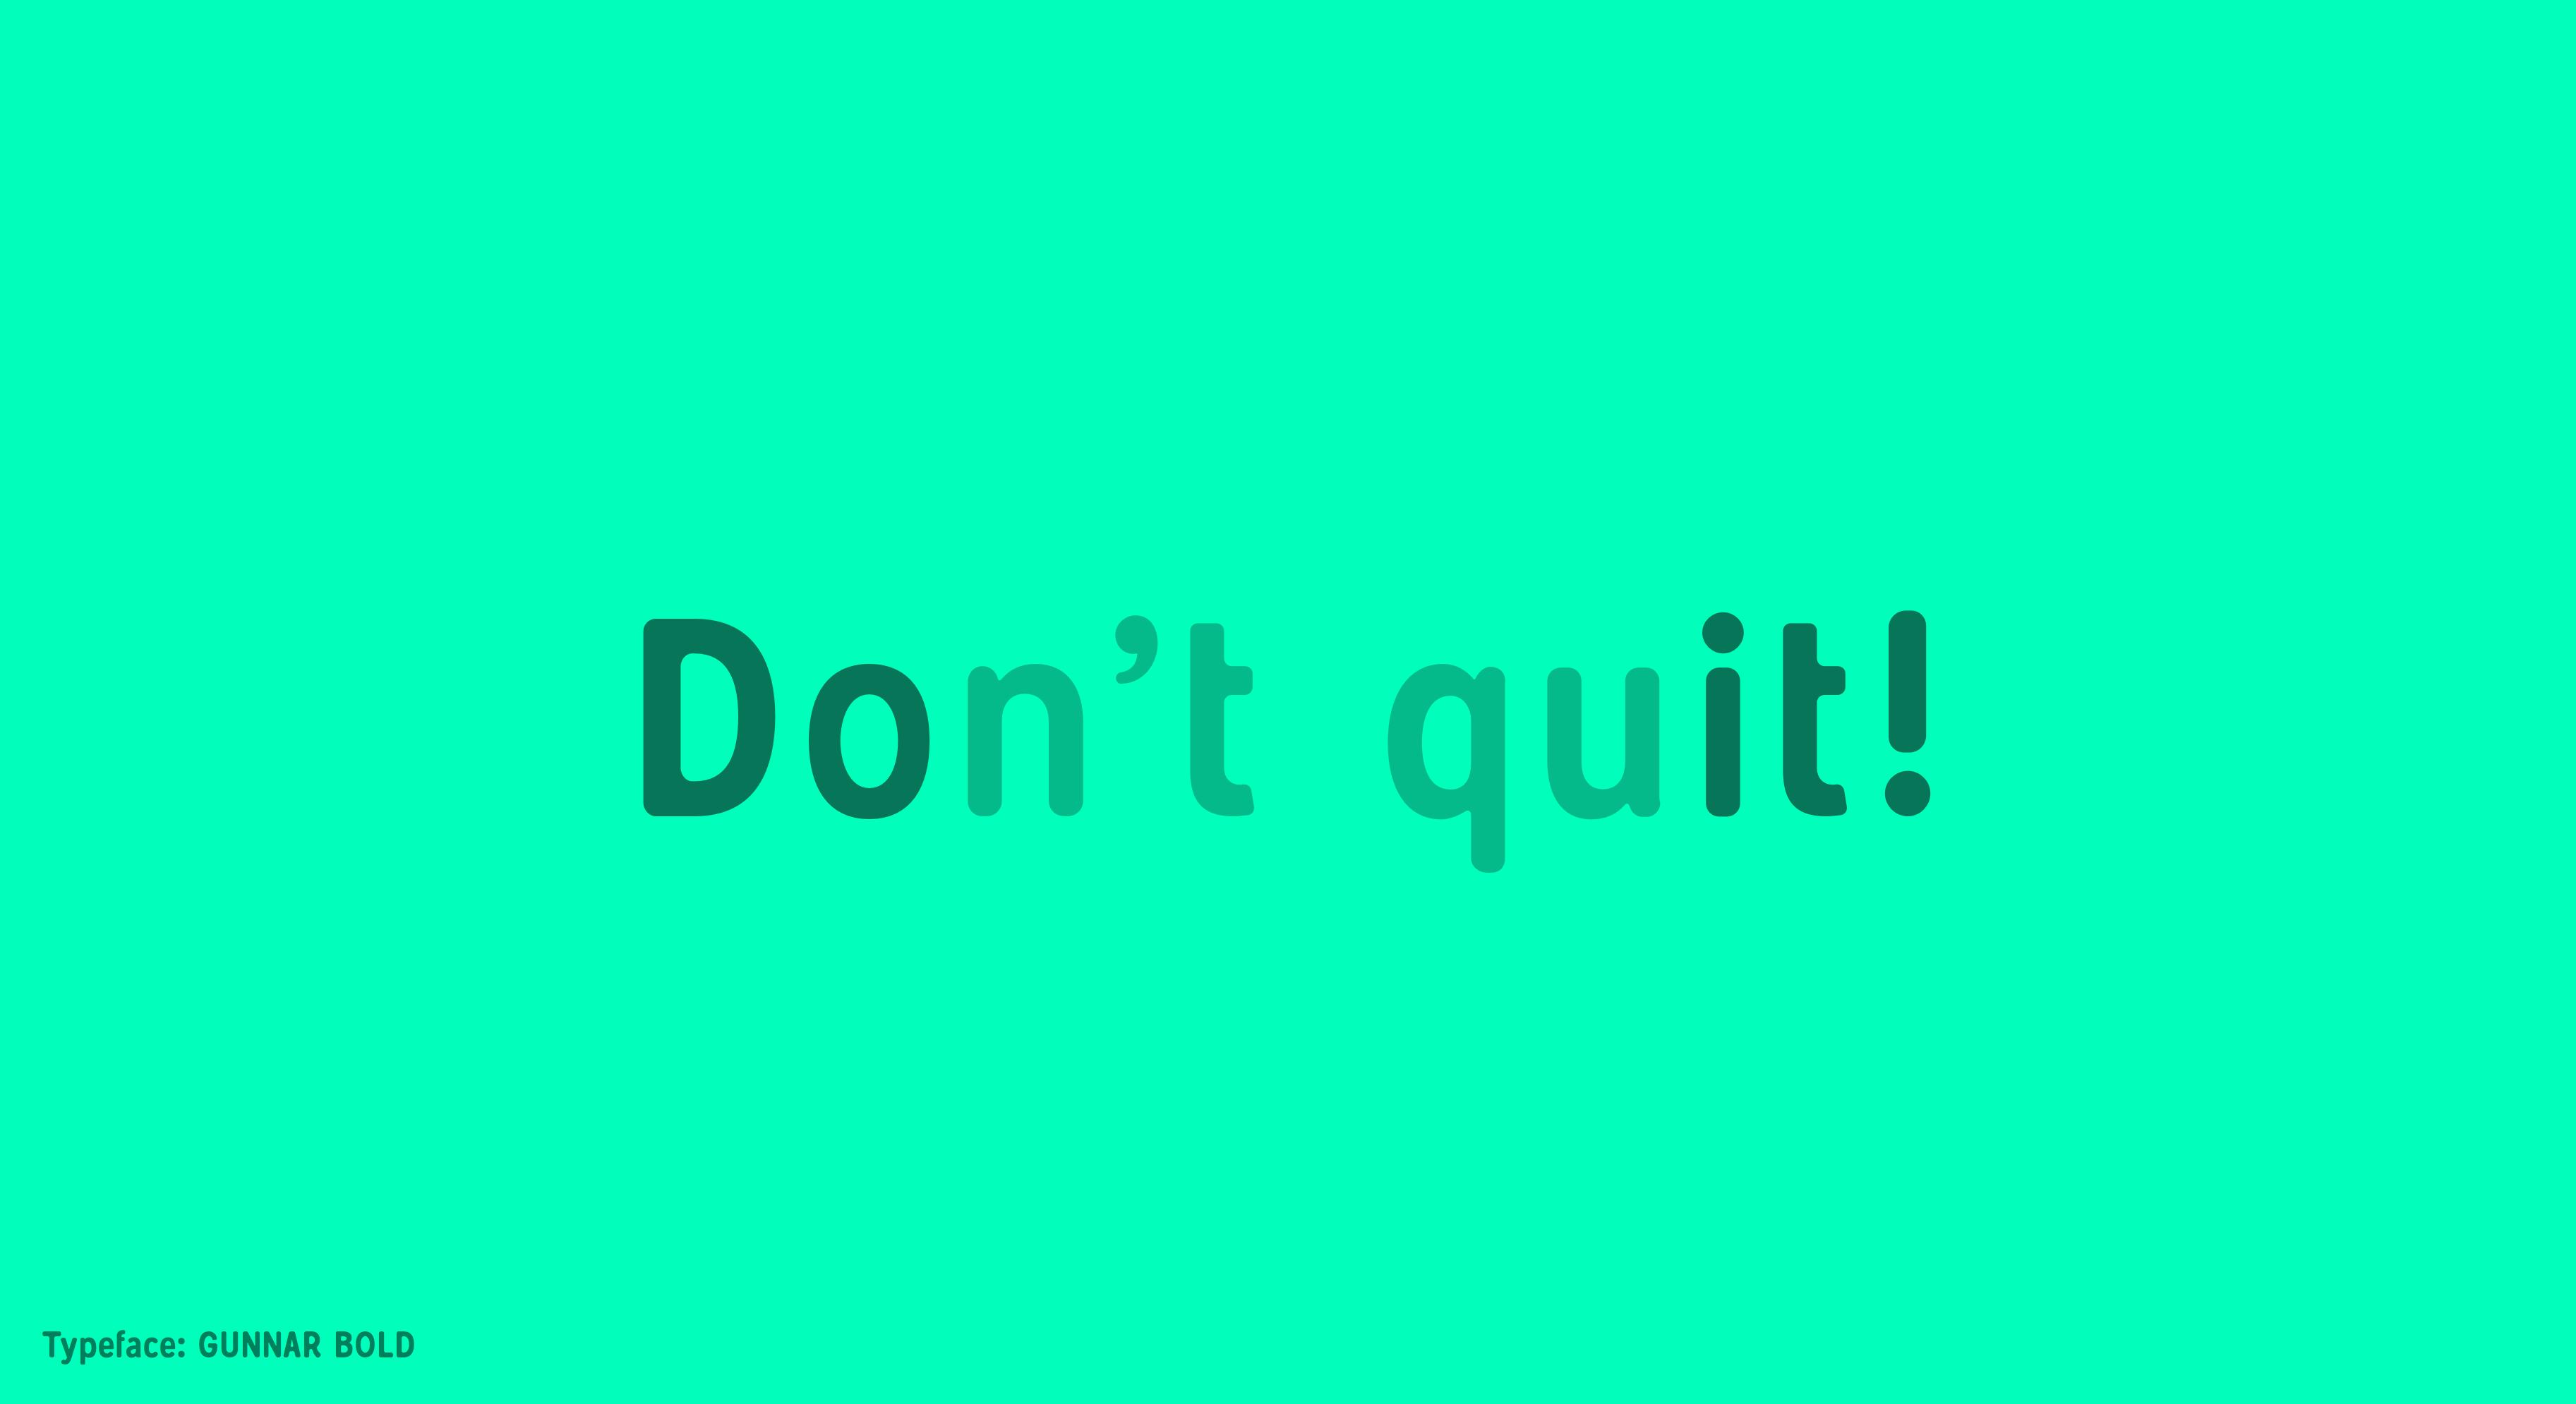 Gunnar Bold - Dont quit